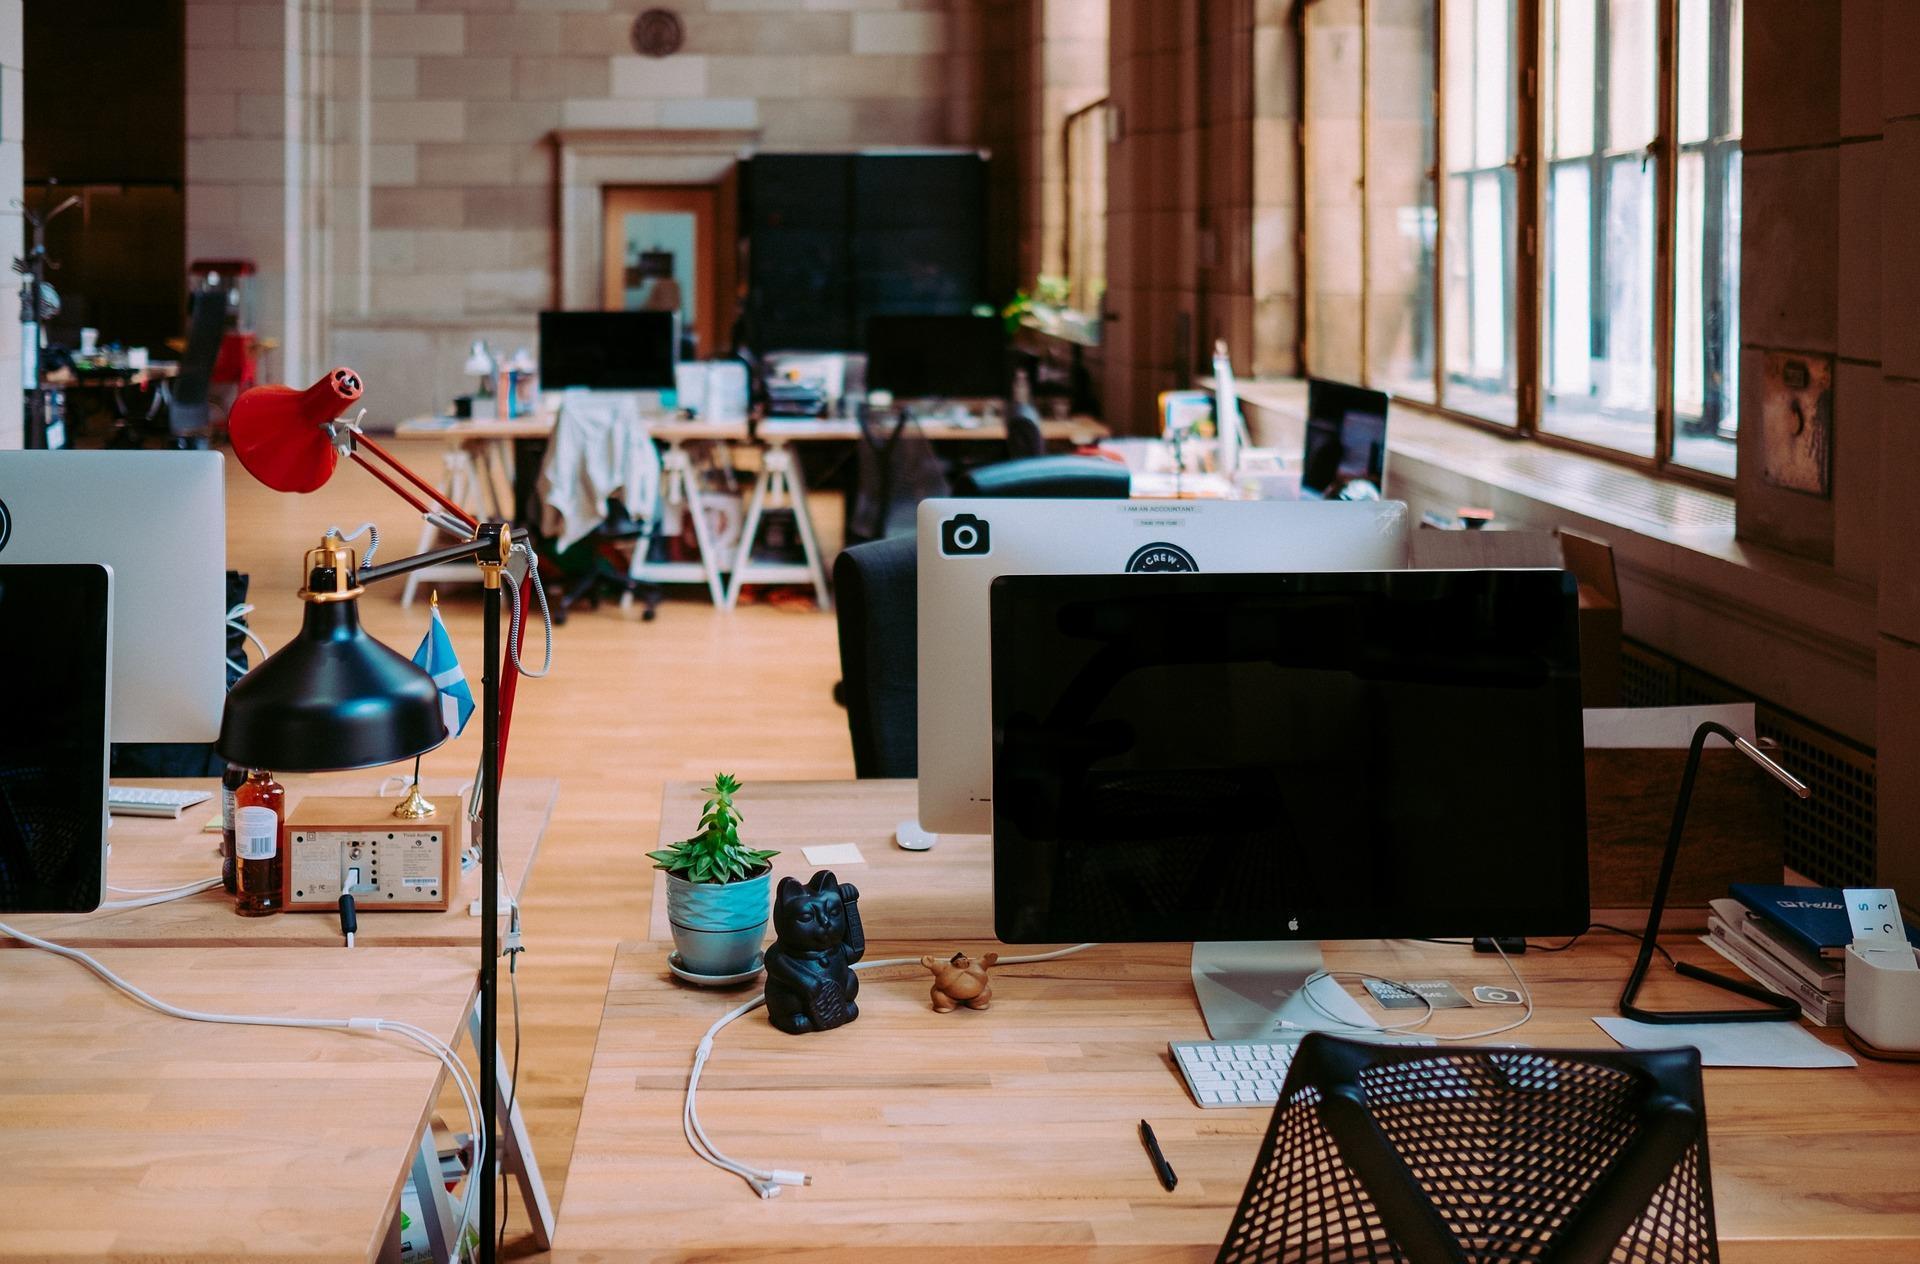 Eingruppierung eines IT-Systemelektronikers – und dessen Gestaltungsspielraum